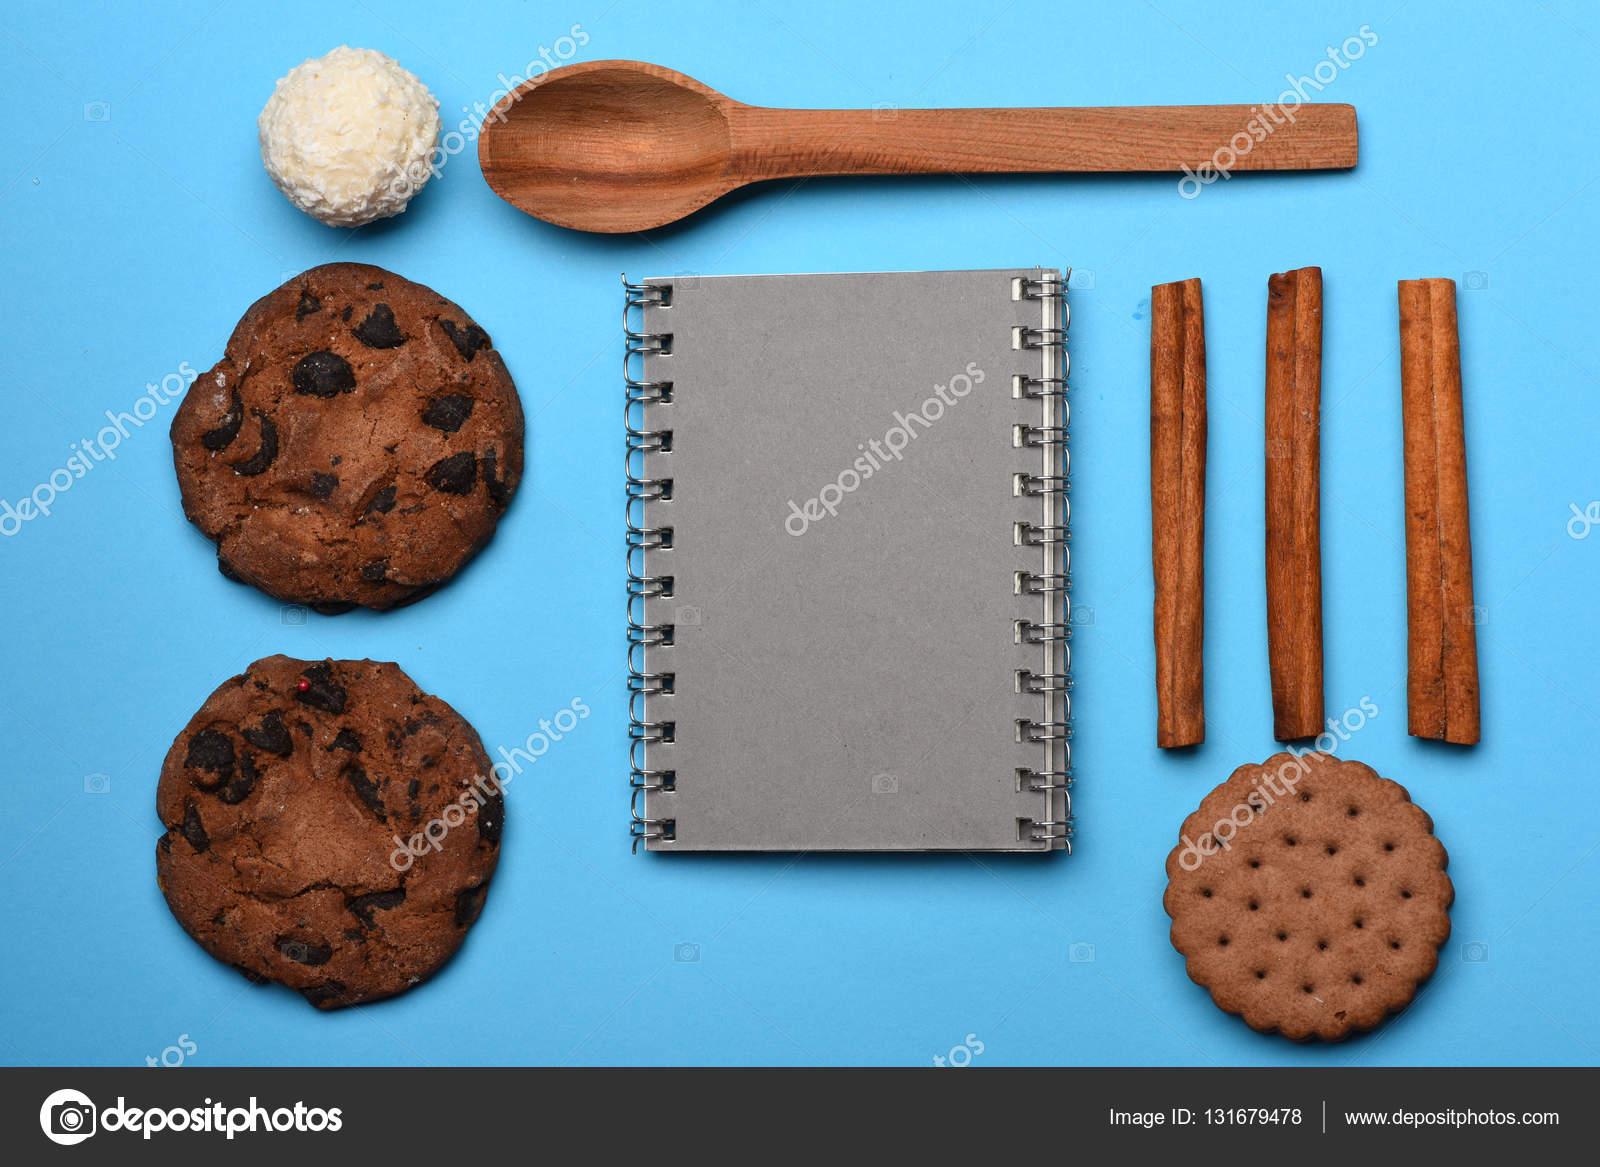 Ciasteczka Czekoladowe Z Ksiazki Kucharskiej Zdjecie Stockowe